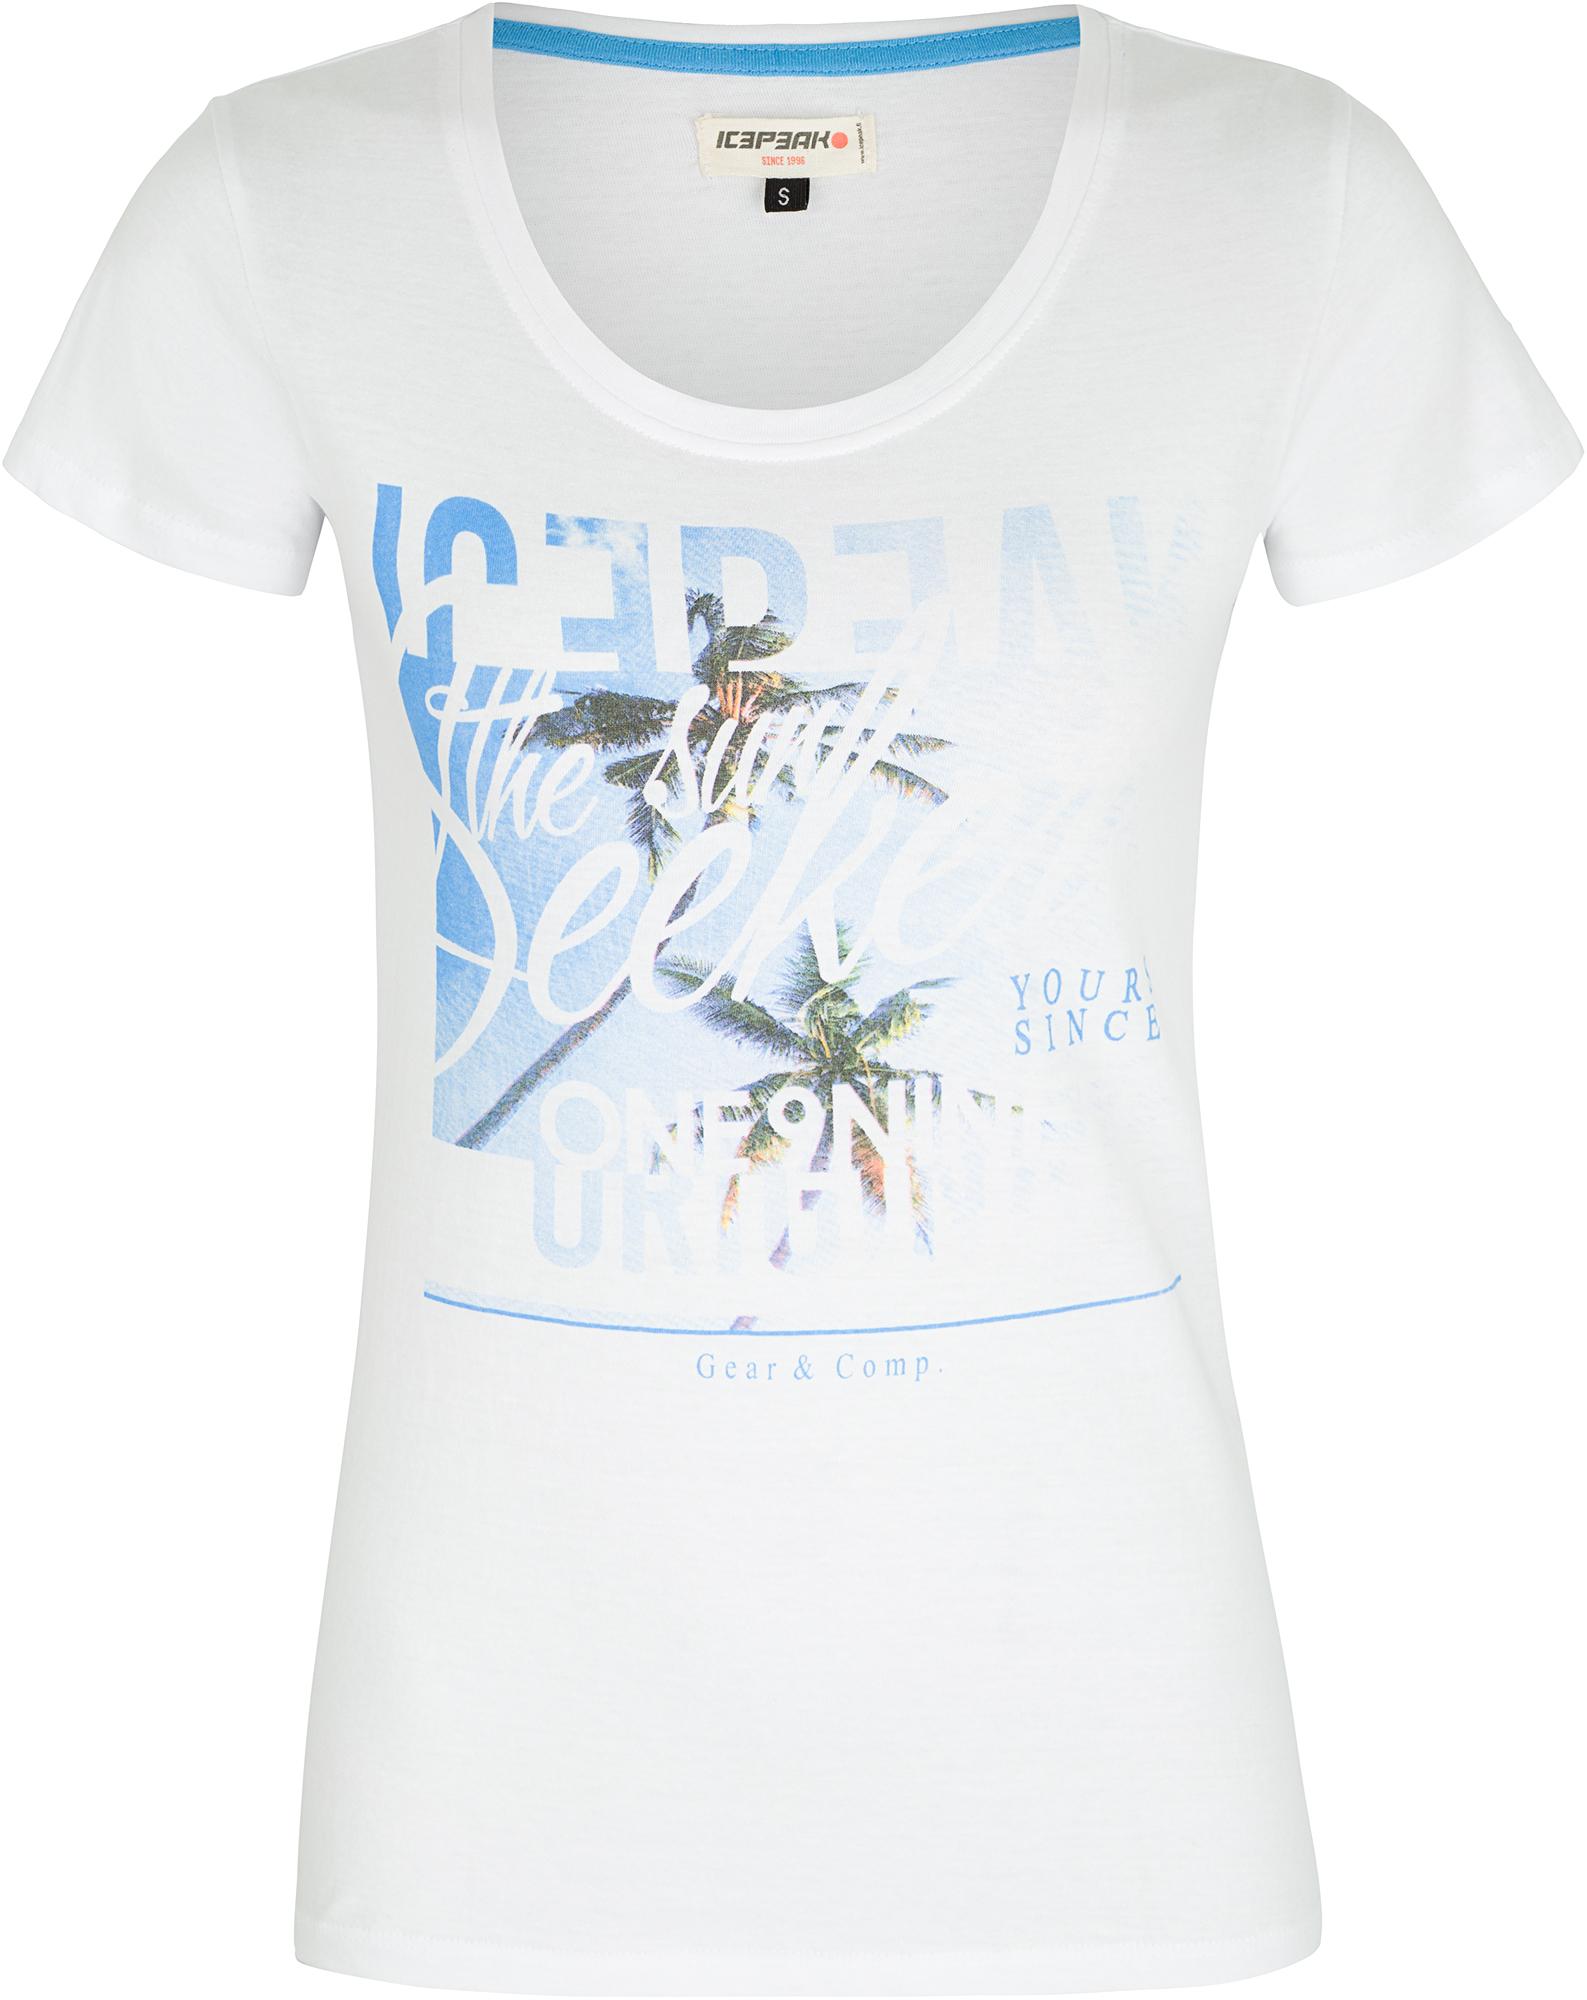 IcePeak Футболка женская IcePeak Marie, размер 50-52 футболка мужская icepeak цвет серый 757723689iv 810 размер m 50